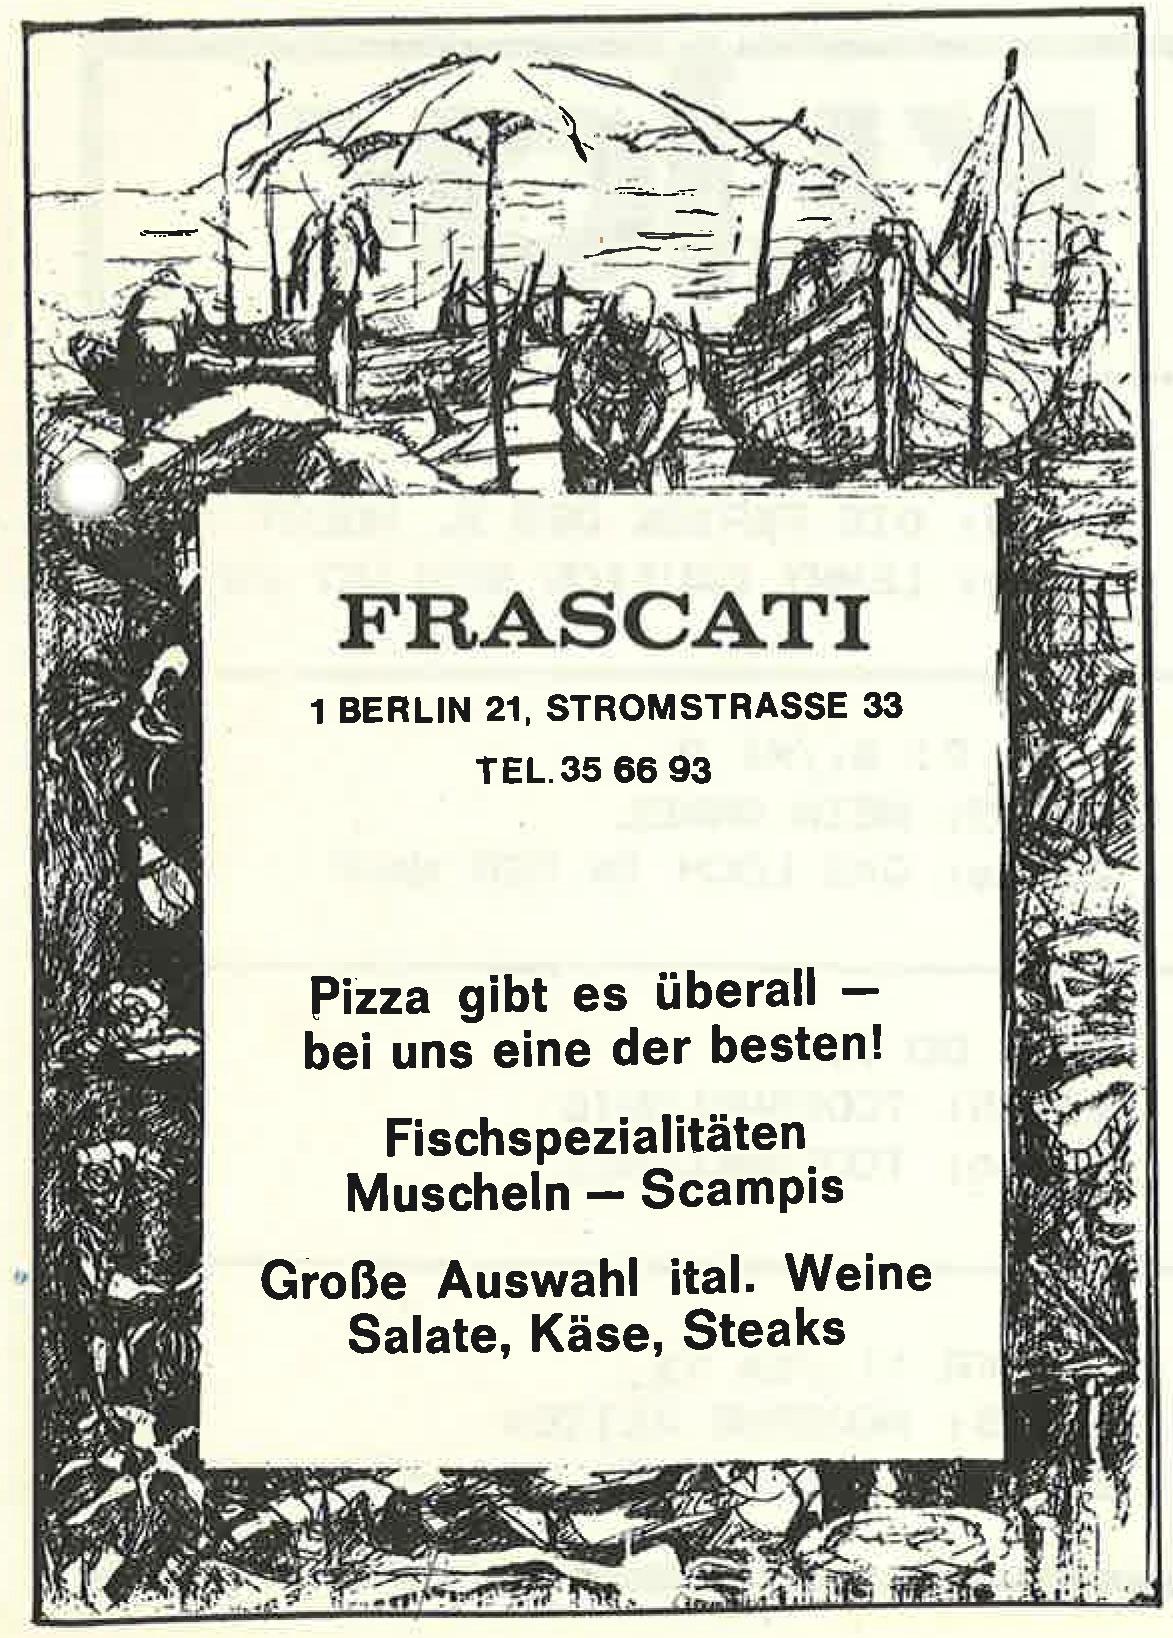 Alte Werbeanzeige des Berliner Restaurants Frascati. Foto: Archiv tipBerlin